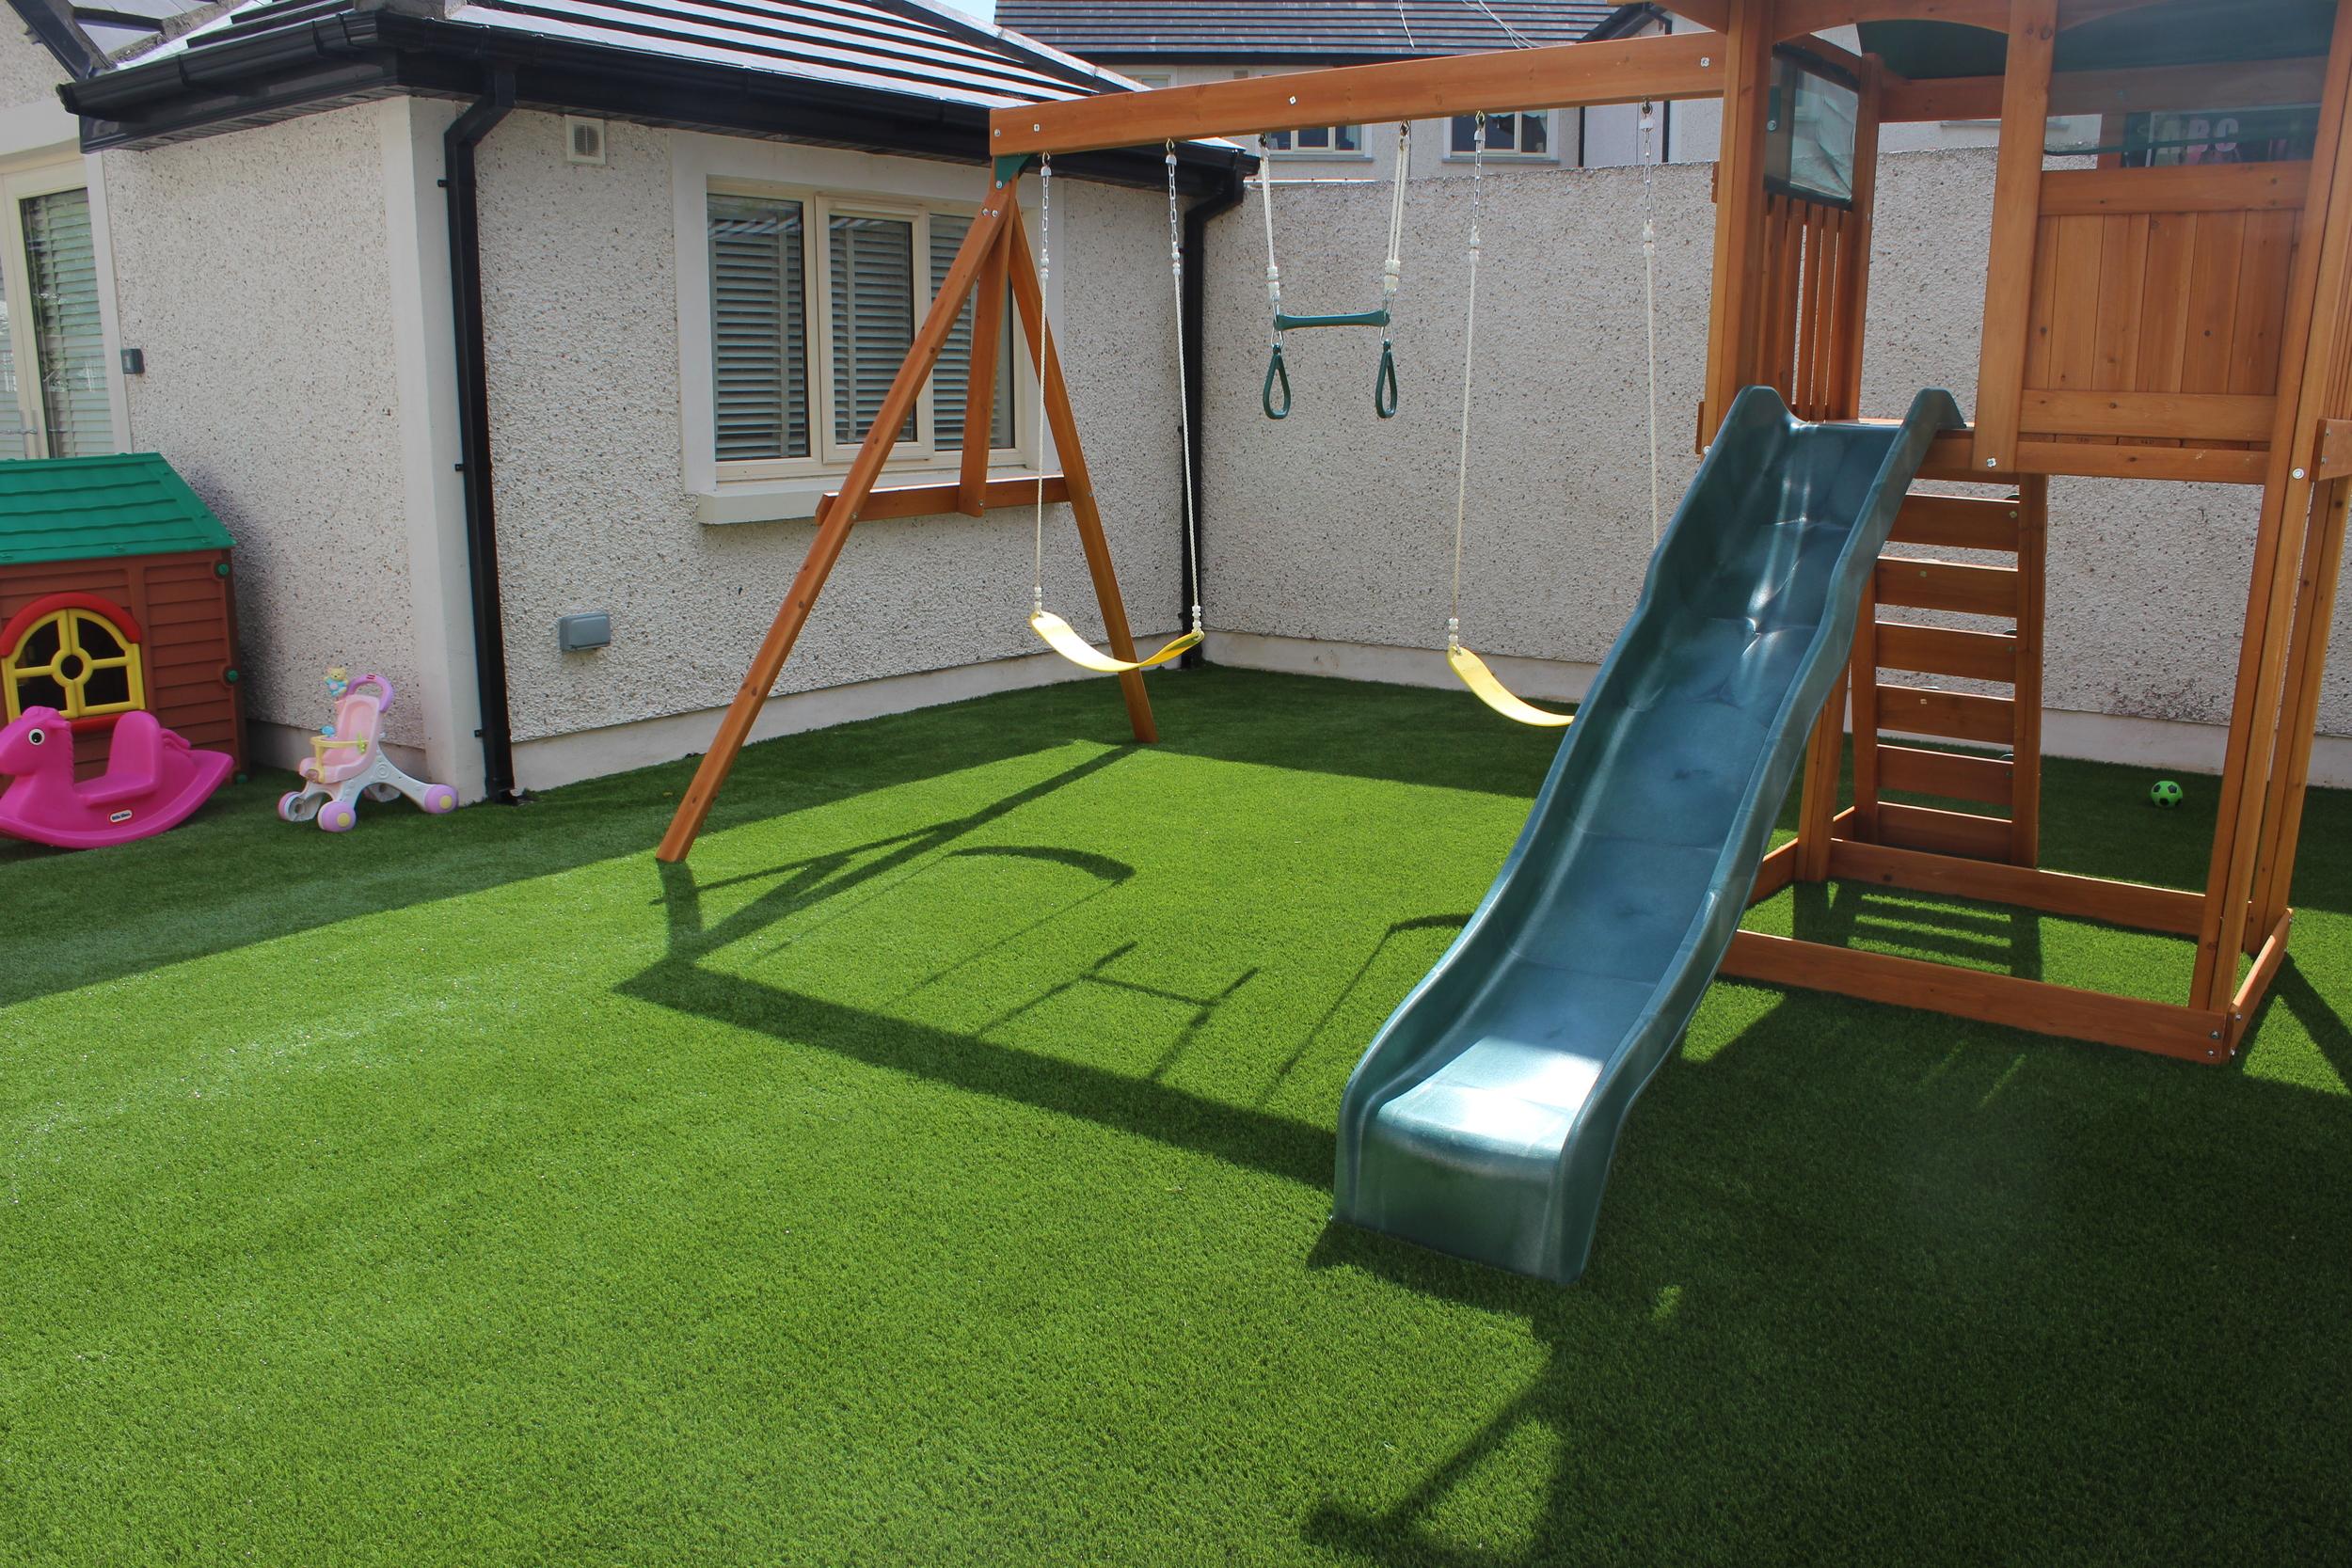 Garden Swing and Slide